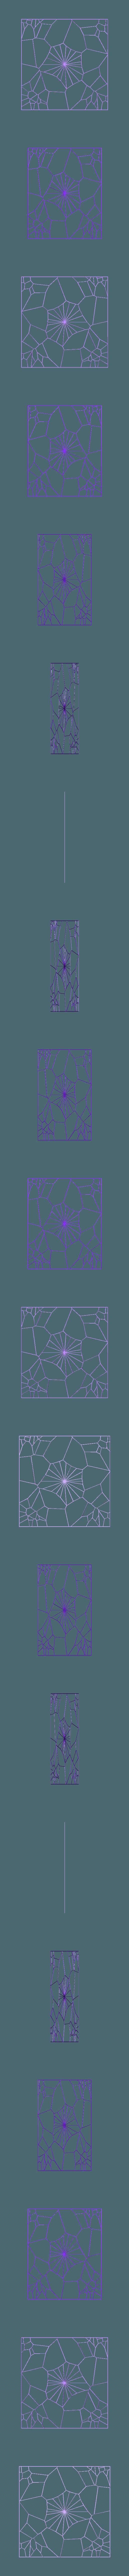 test_spWeb2.stl Download free STL file Calibration Bed Web • 3D print design, darkwave3d